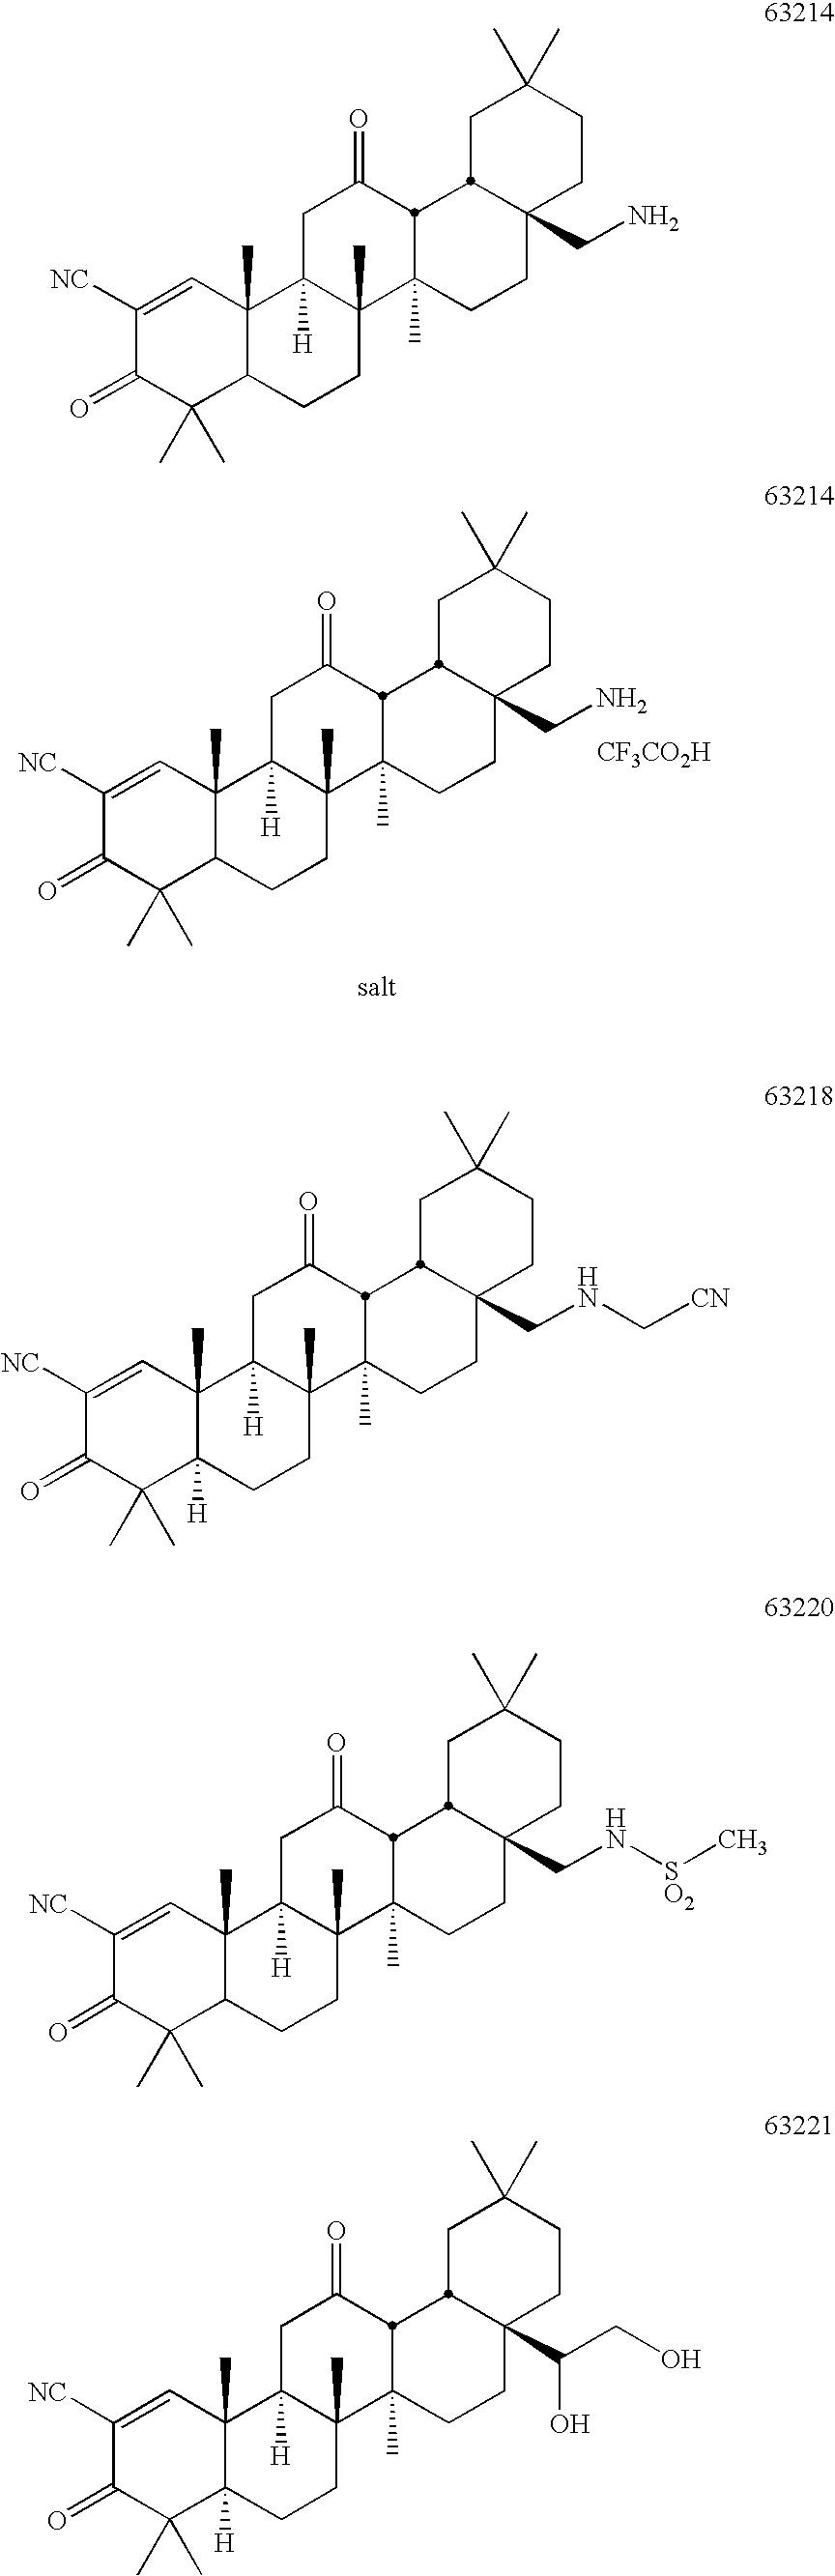 Figure US20100041904A1-20100218-C00017